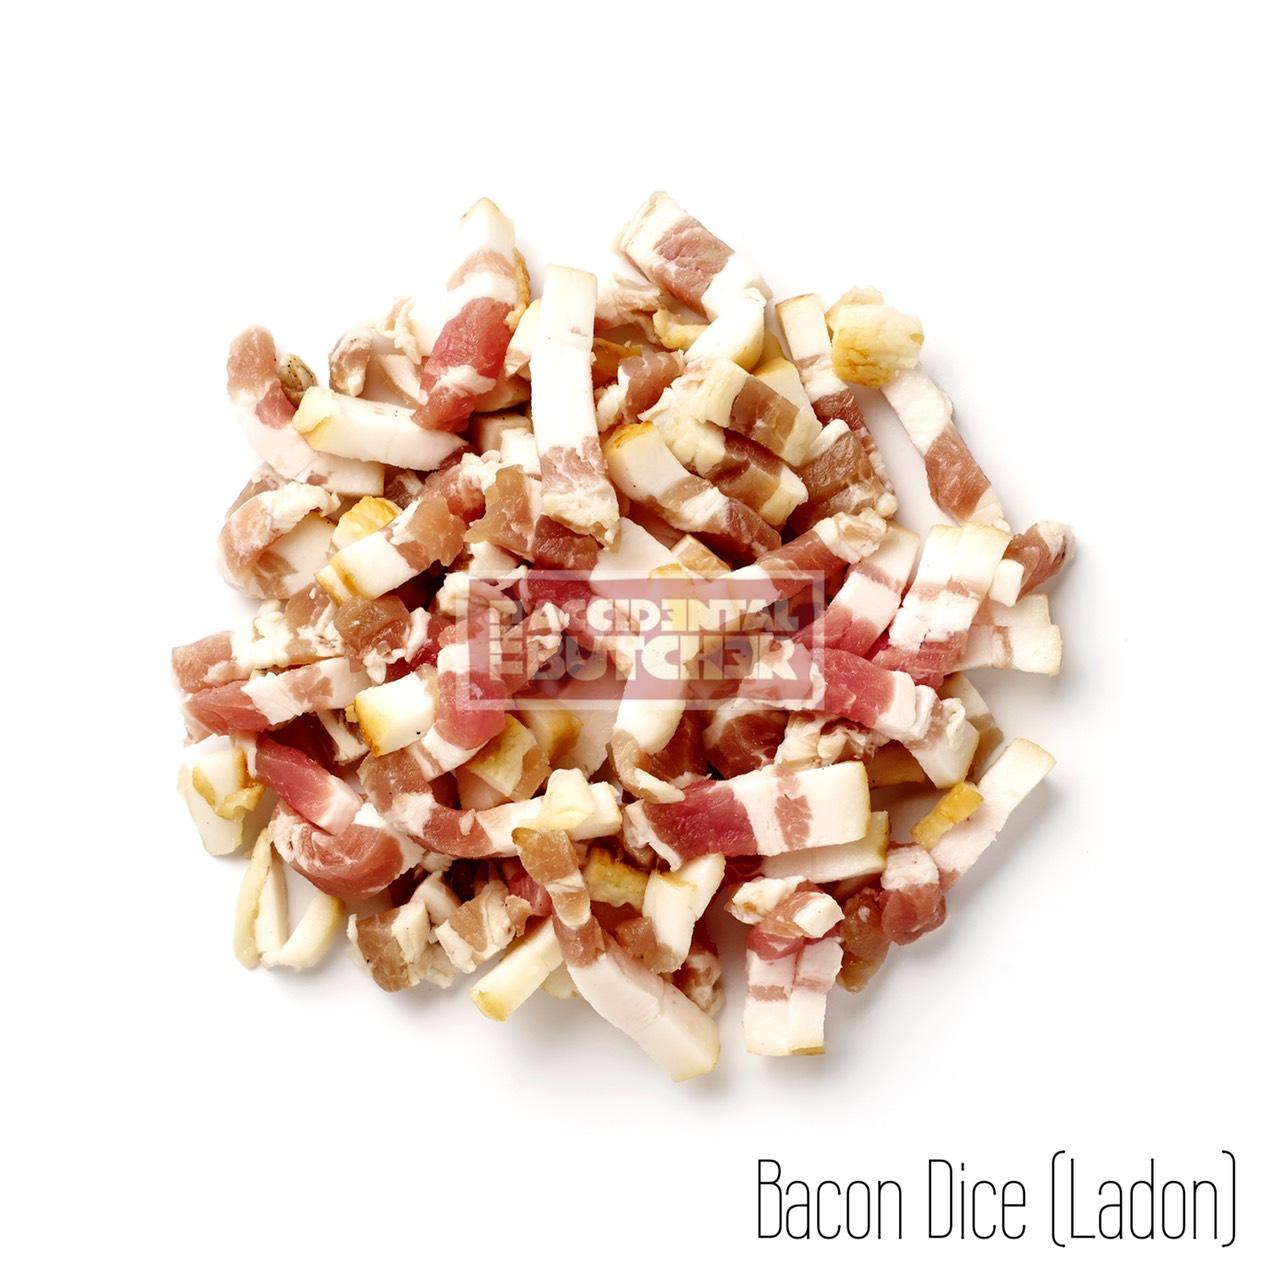 Wood Smoked Streaky Bacon Diced